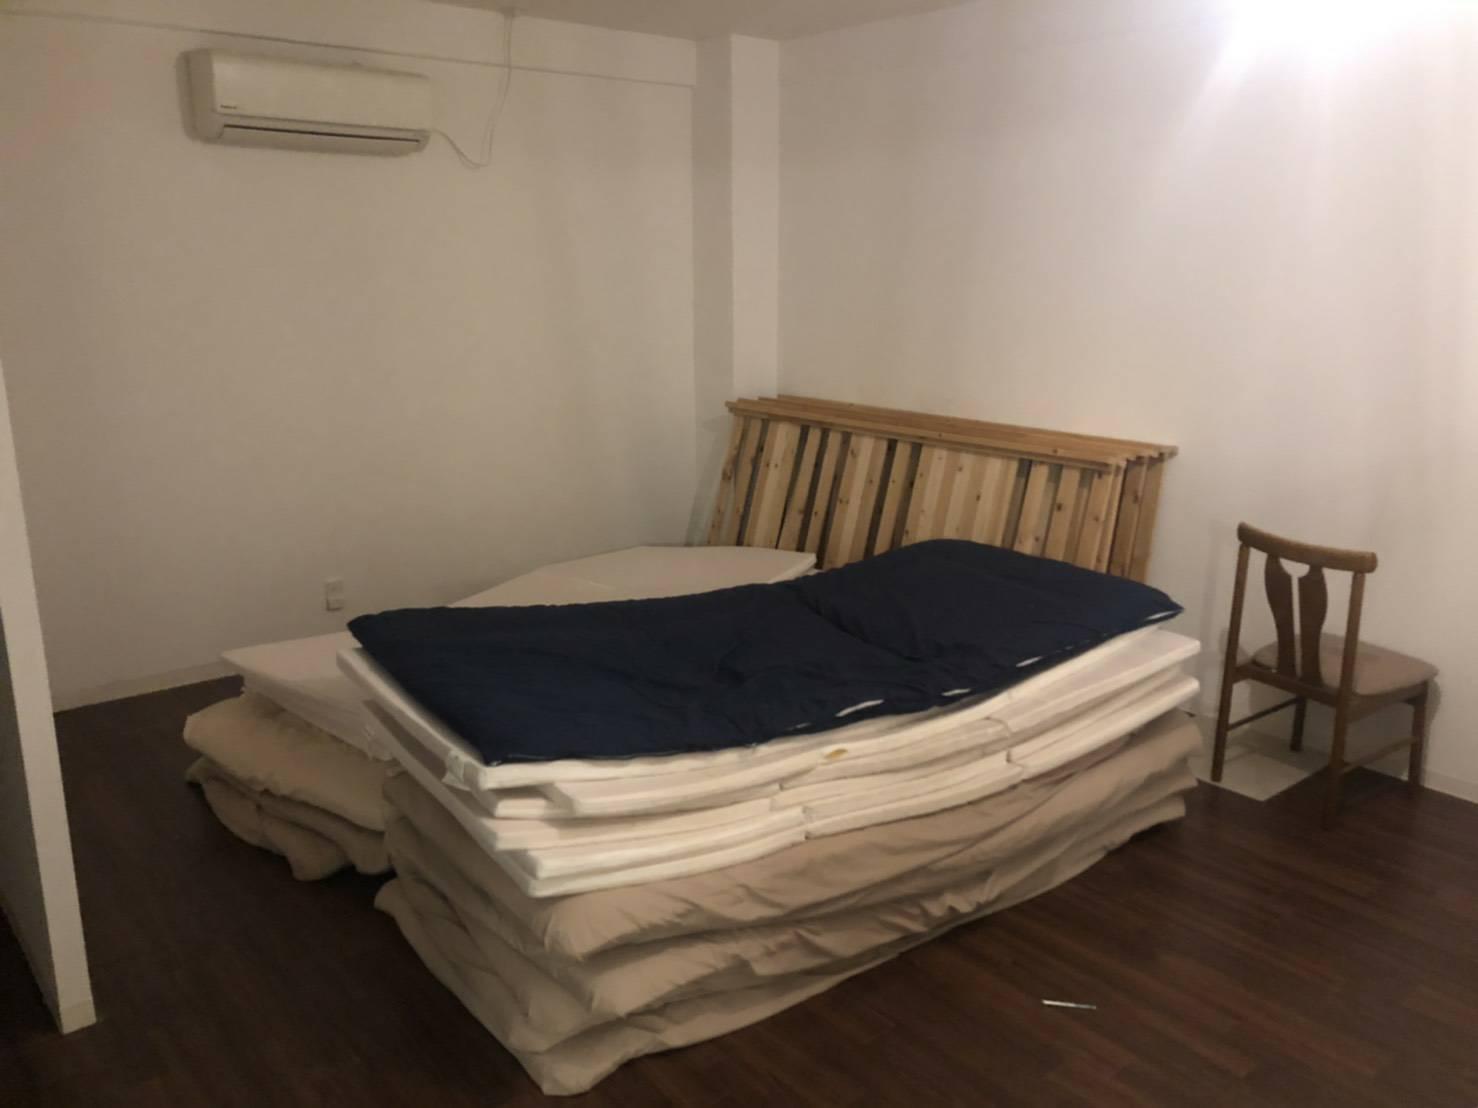 マットレス、家具の回収前